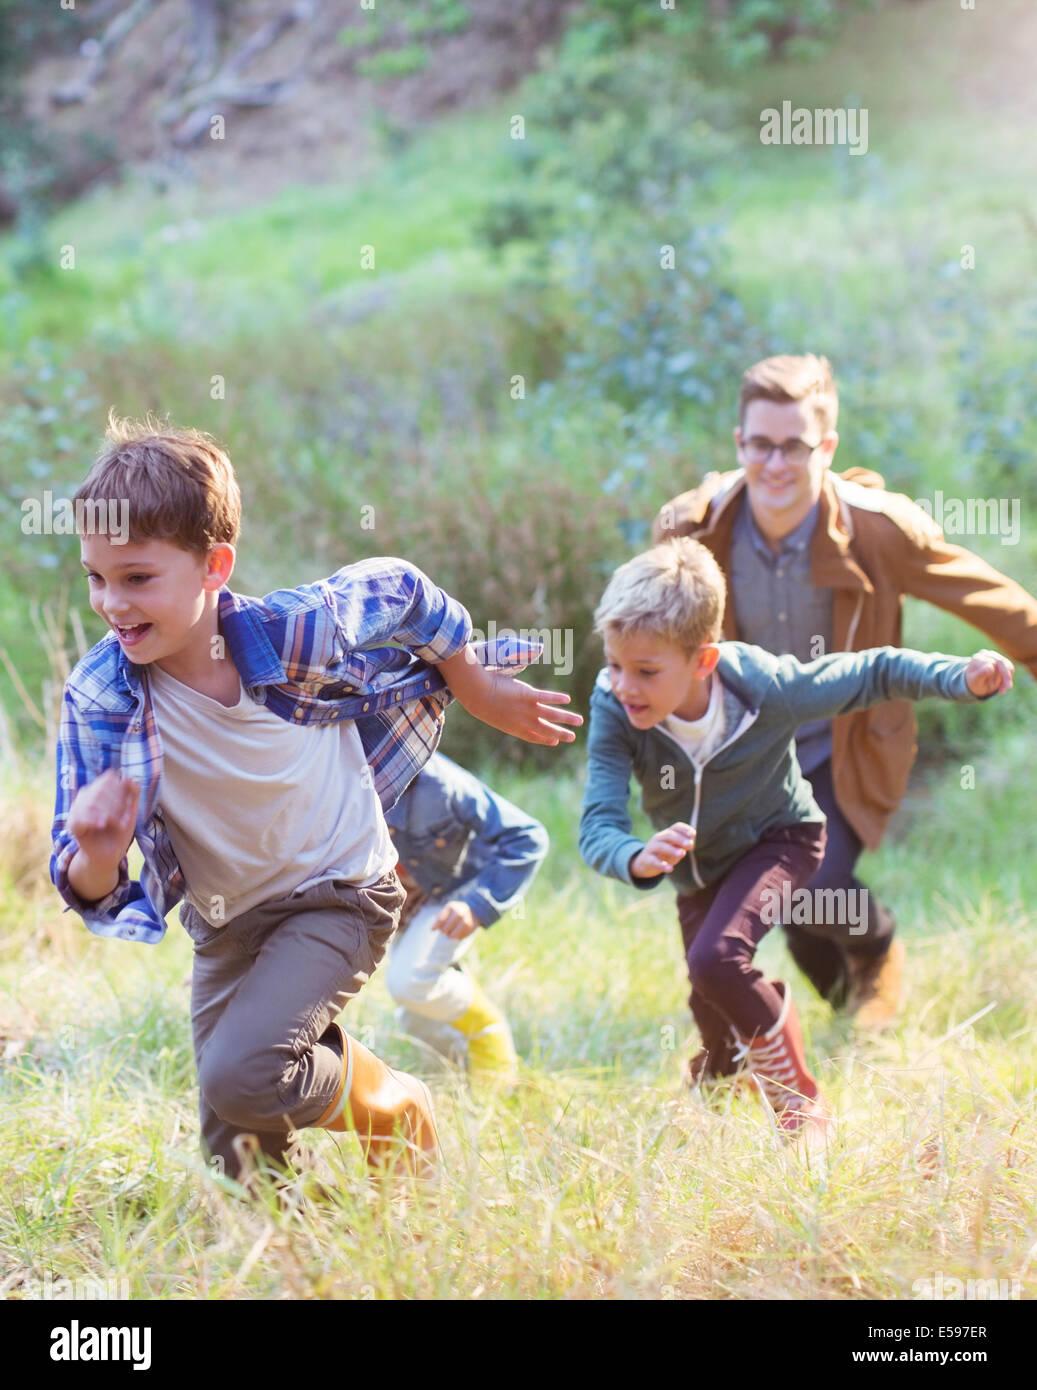 Los niños corriendo en el campo Imagen De Stock